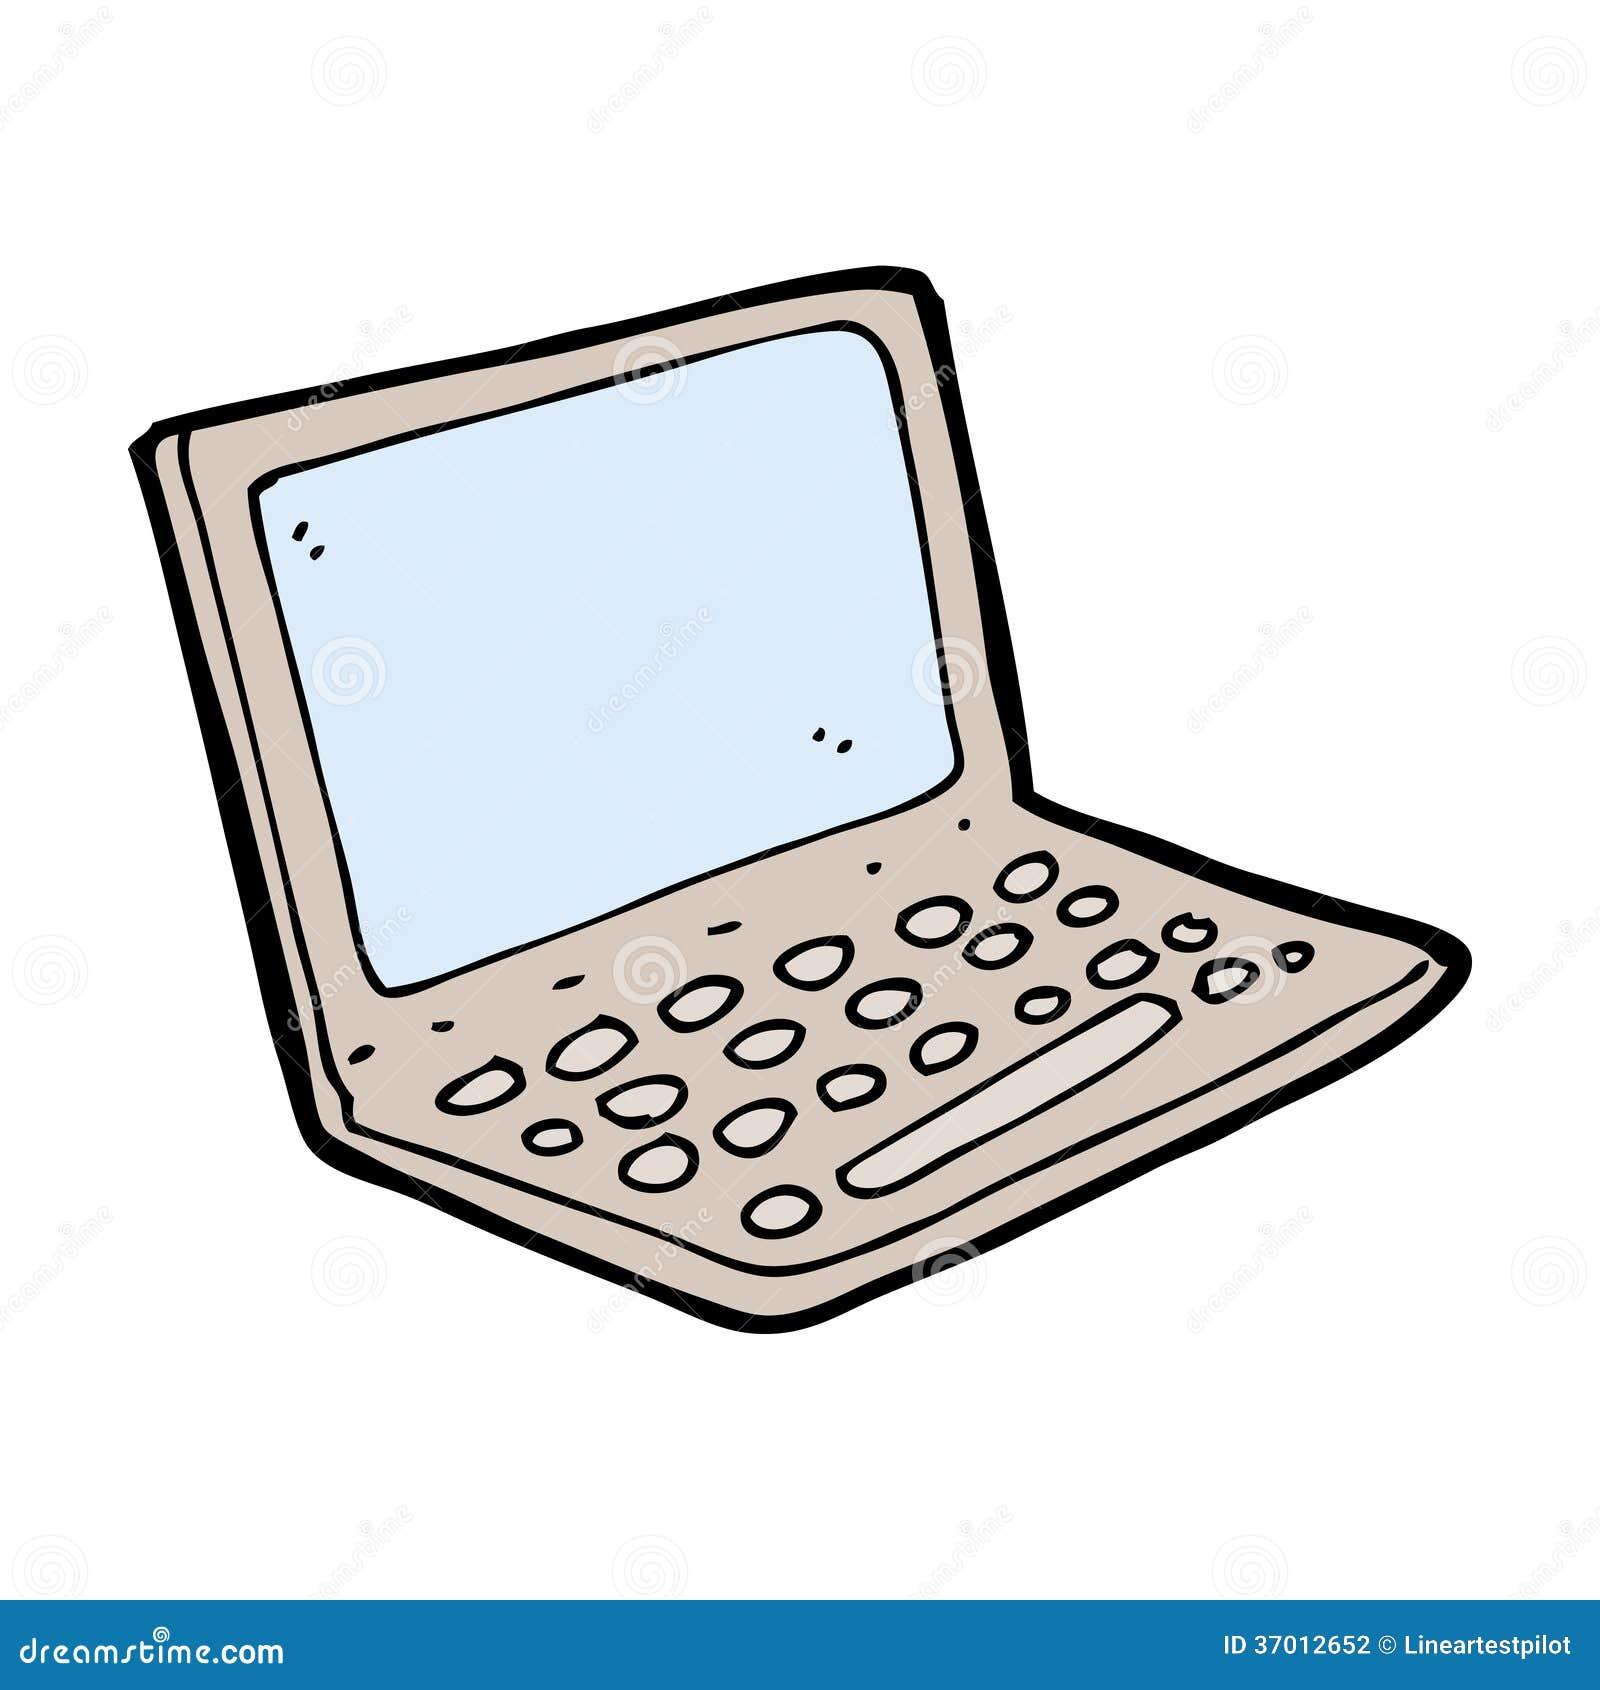 Cartoon Laptop Computer Stock Photography Image 37012652